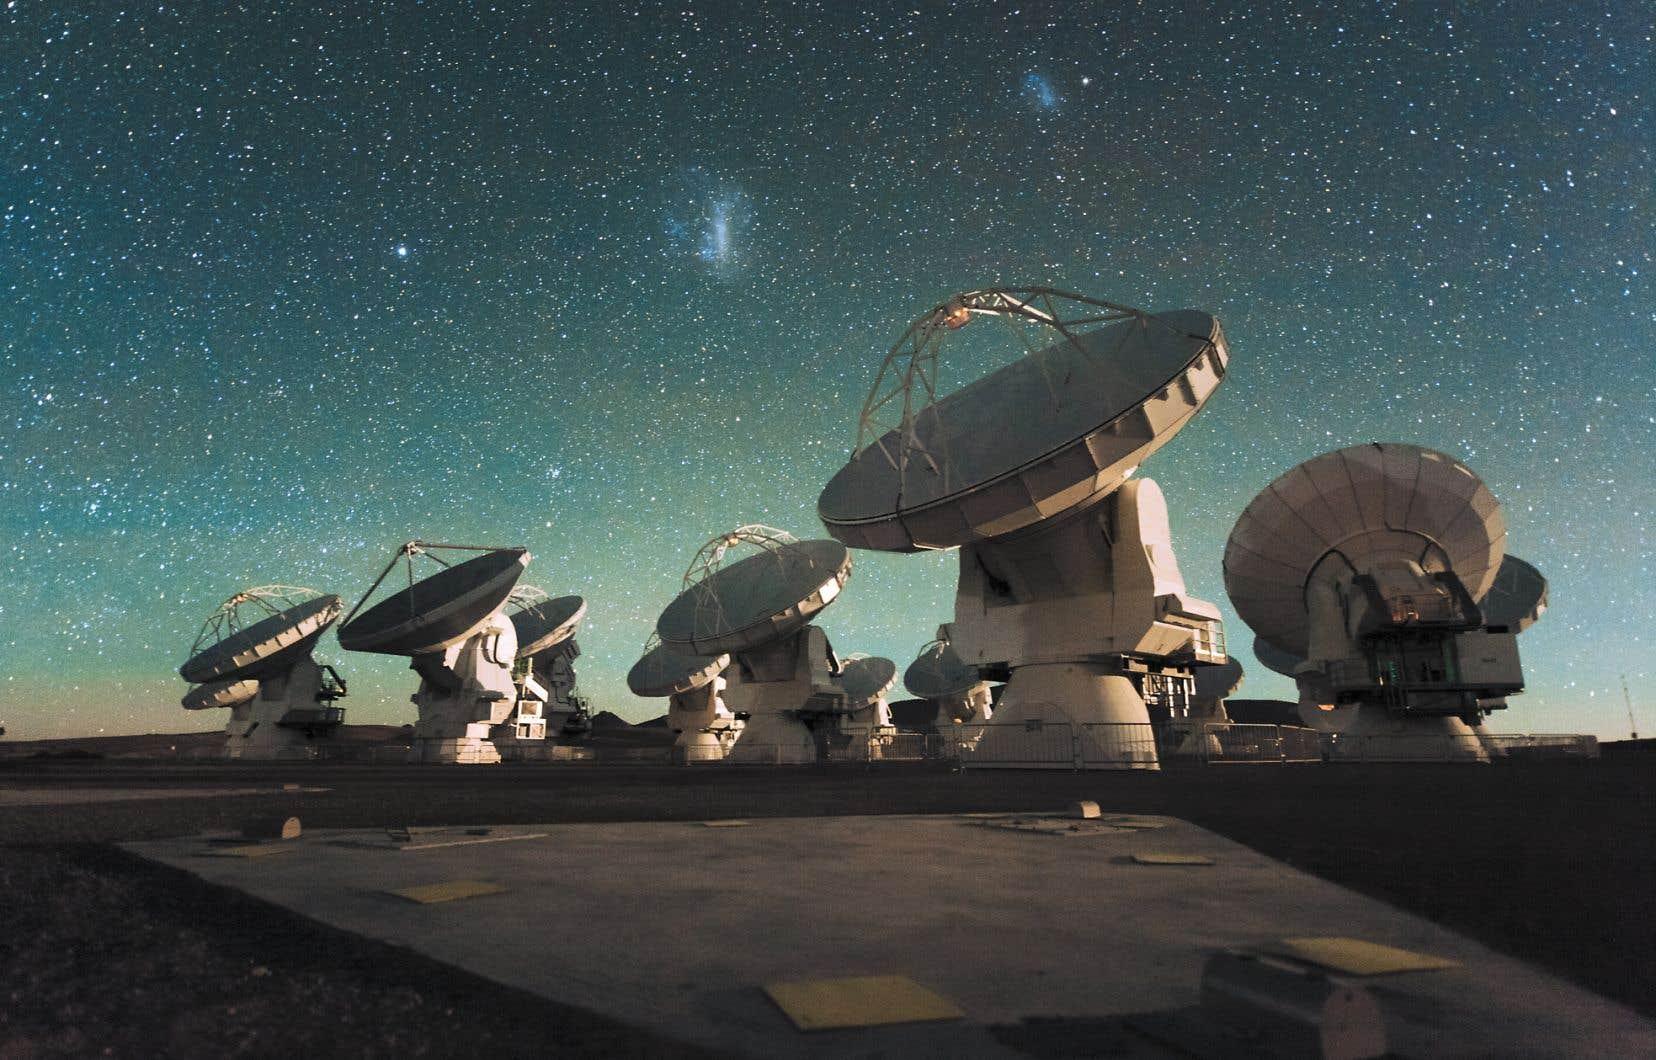 Les astronomes ont fait leur découverte grâce à l'Atacama Large Millimeter/submillimeter Array, un radiotélescope géant composé de 66 antennes installées à 5100 mètres d'altitude au sommet des Andes chiliennes.